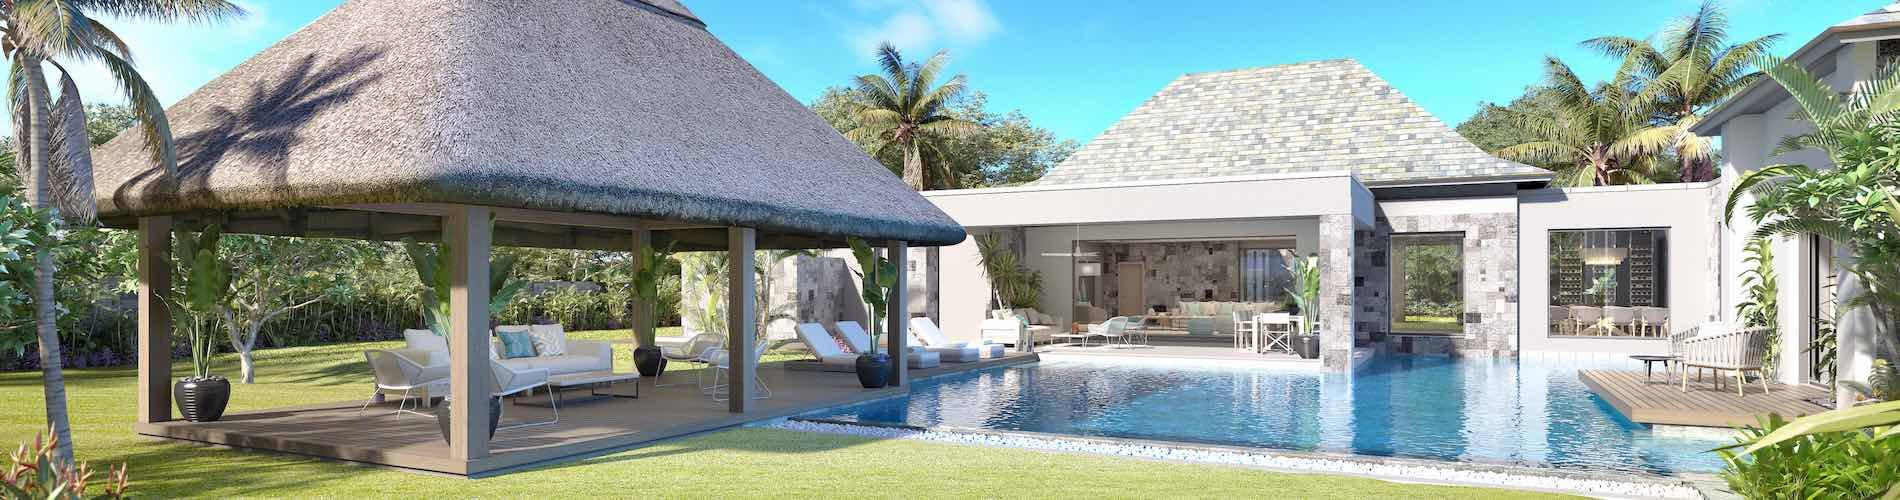 achat et vente appartement et villa de luxe ile maurice agence conseil immobilière jinvesty